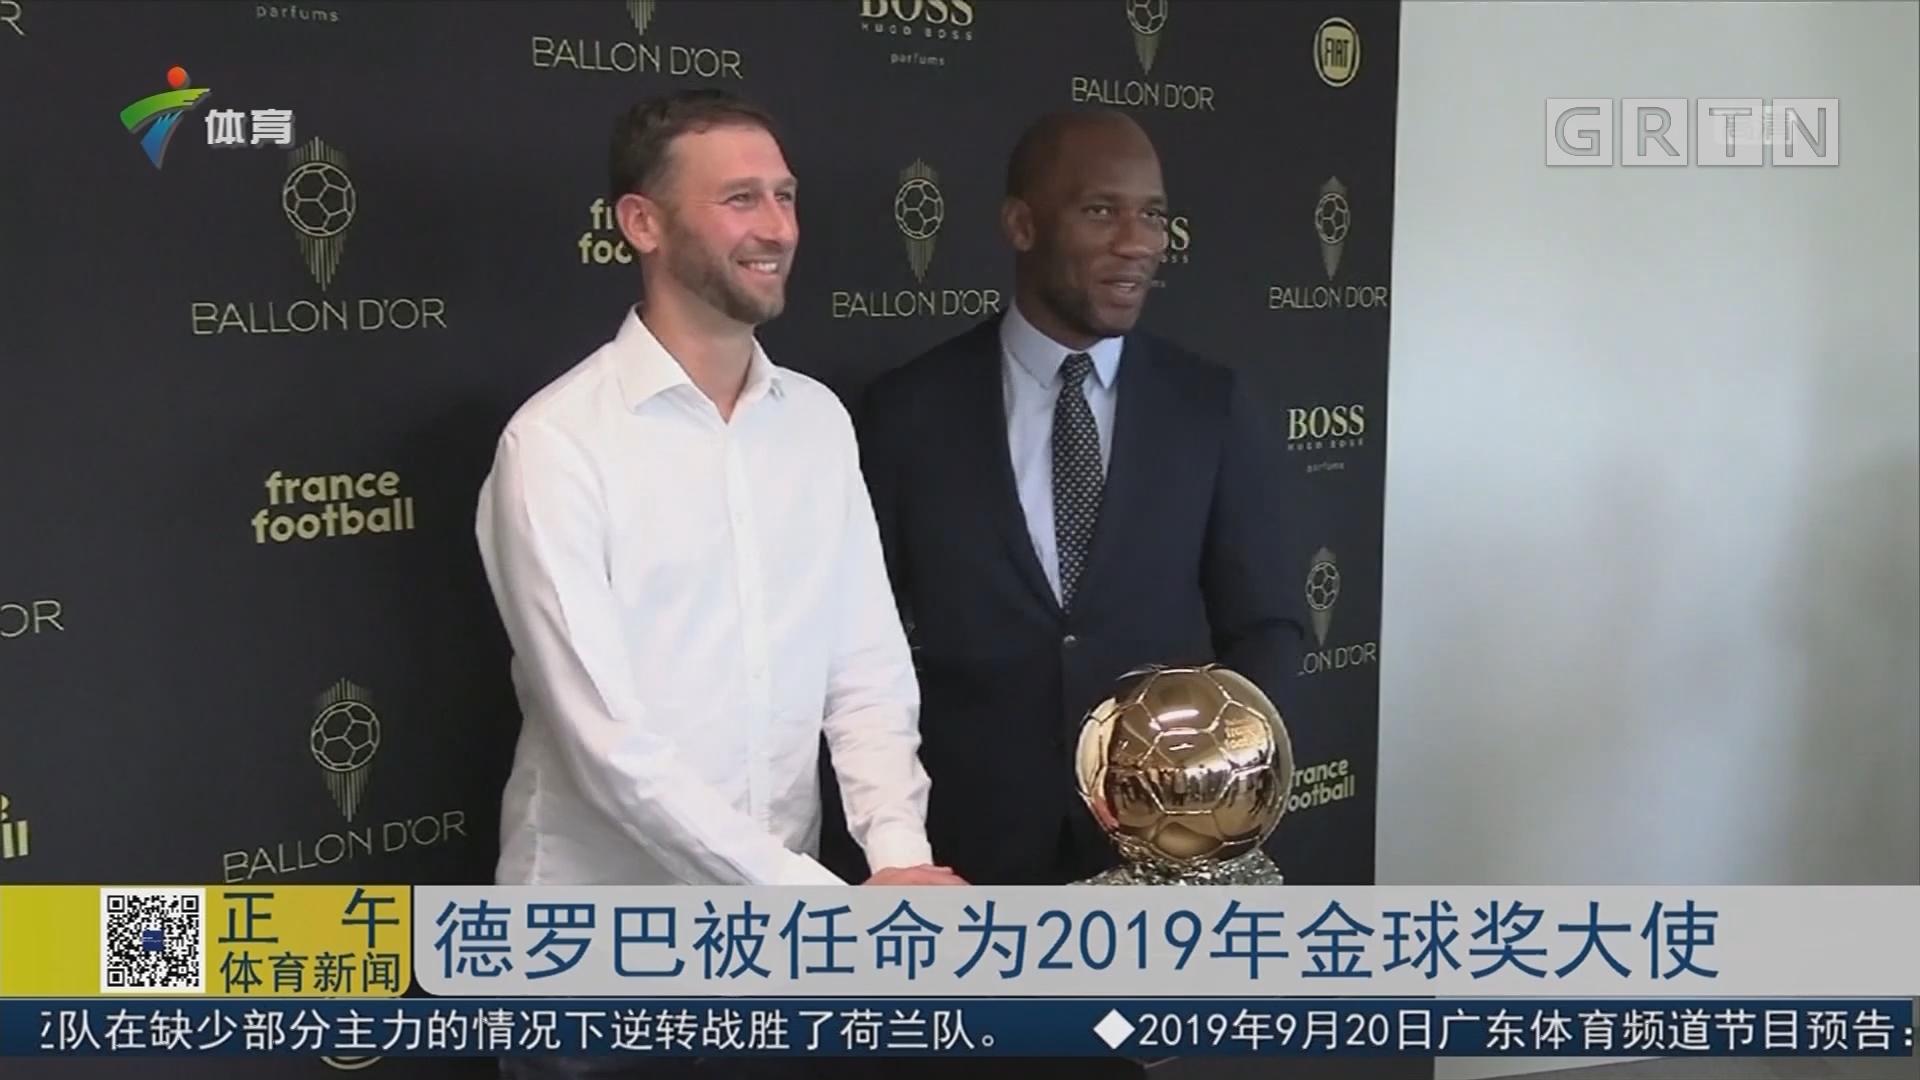 德罗巴被任命为2019年金球奖大使